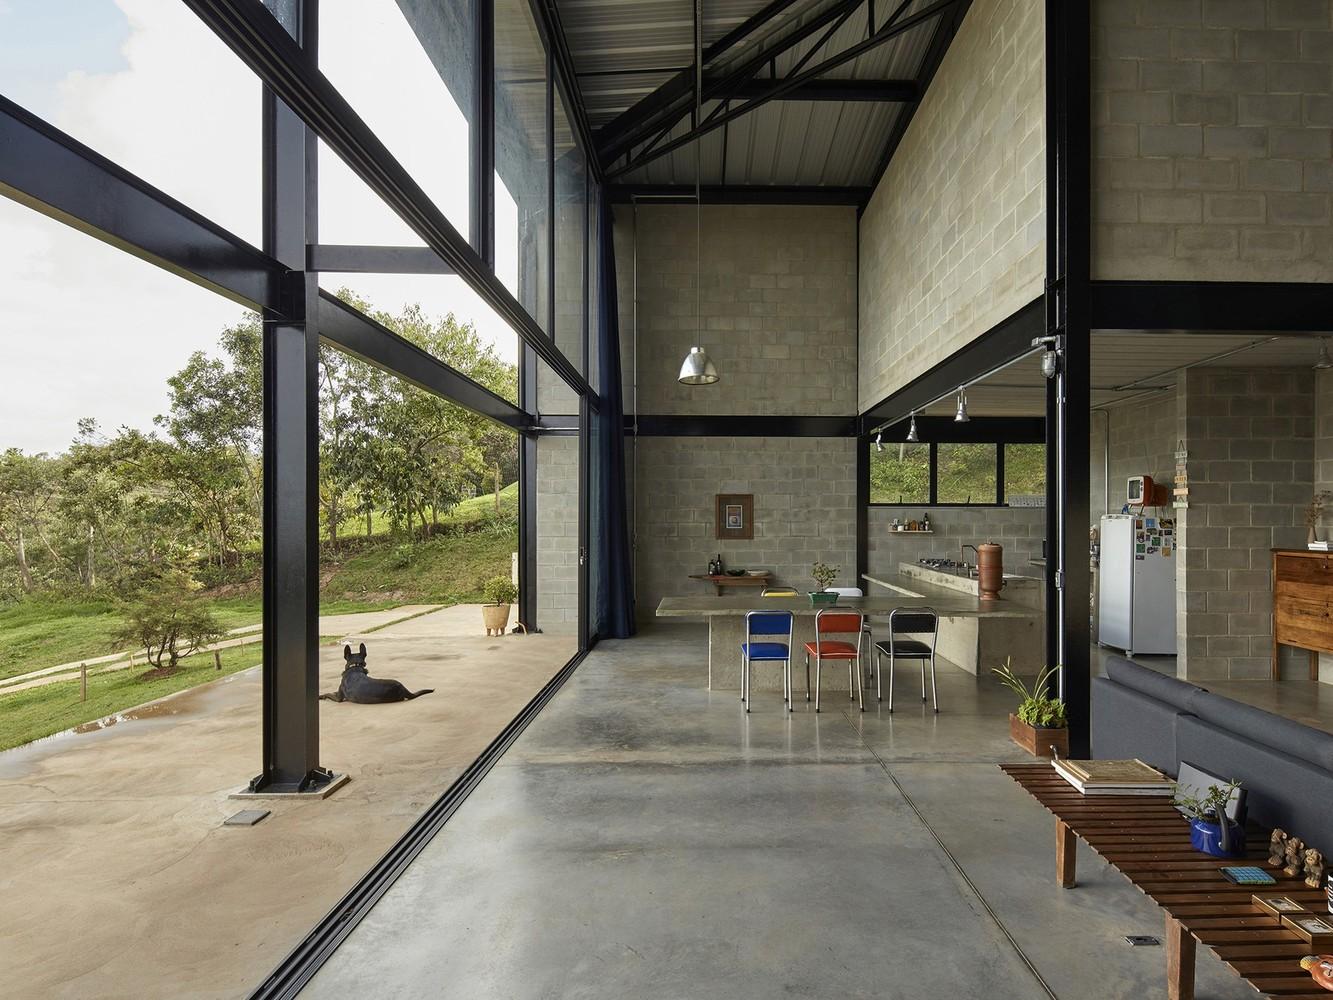 Các xu hướng kiến trúc mới mẻ và nổi bật trên thế giới - Ảnh 18.